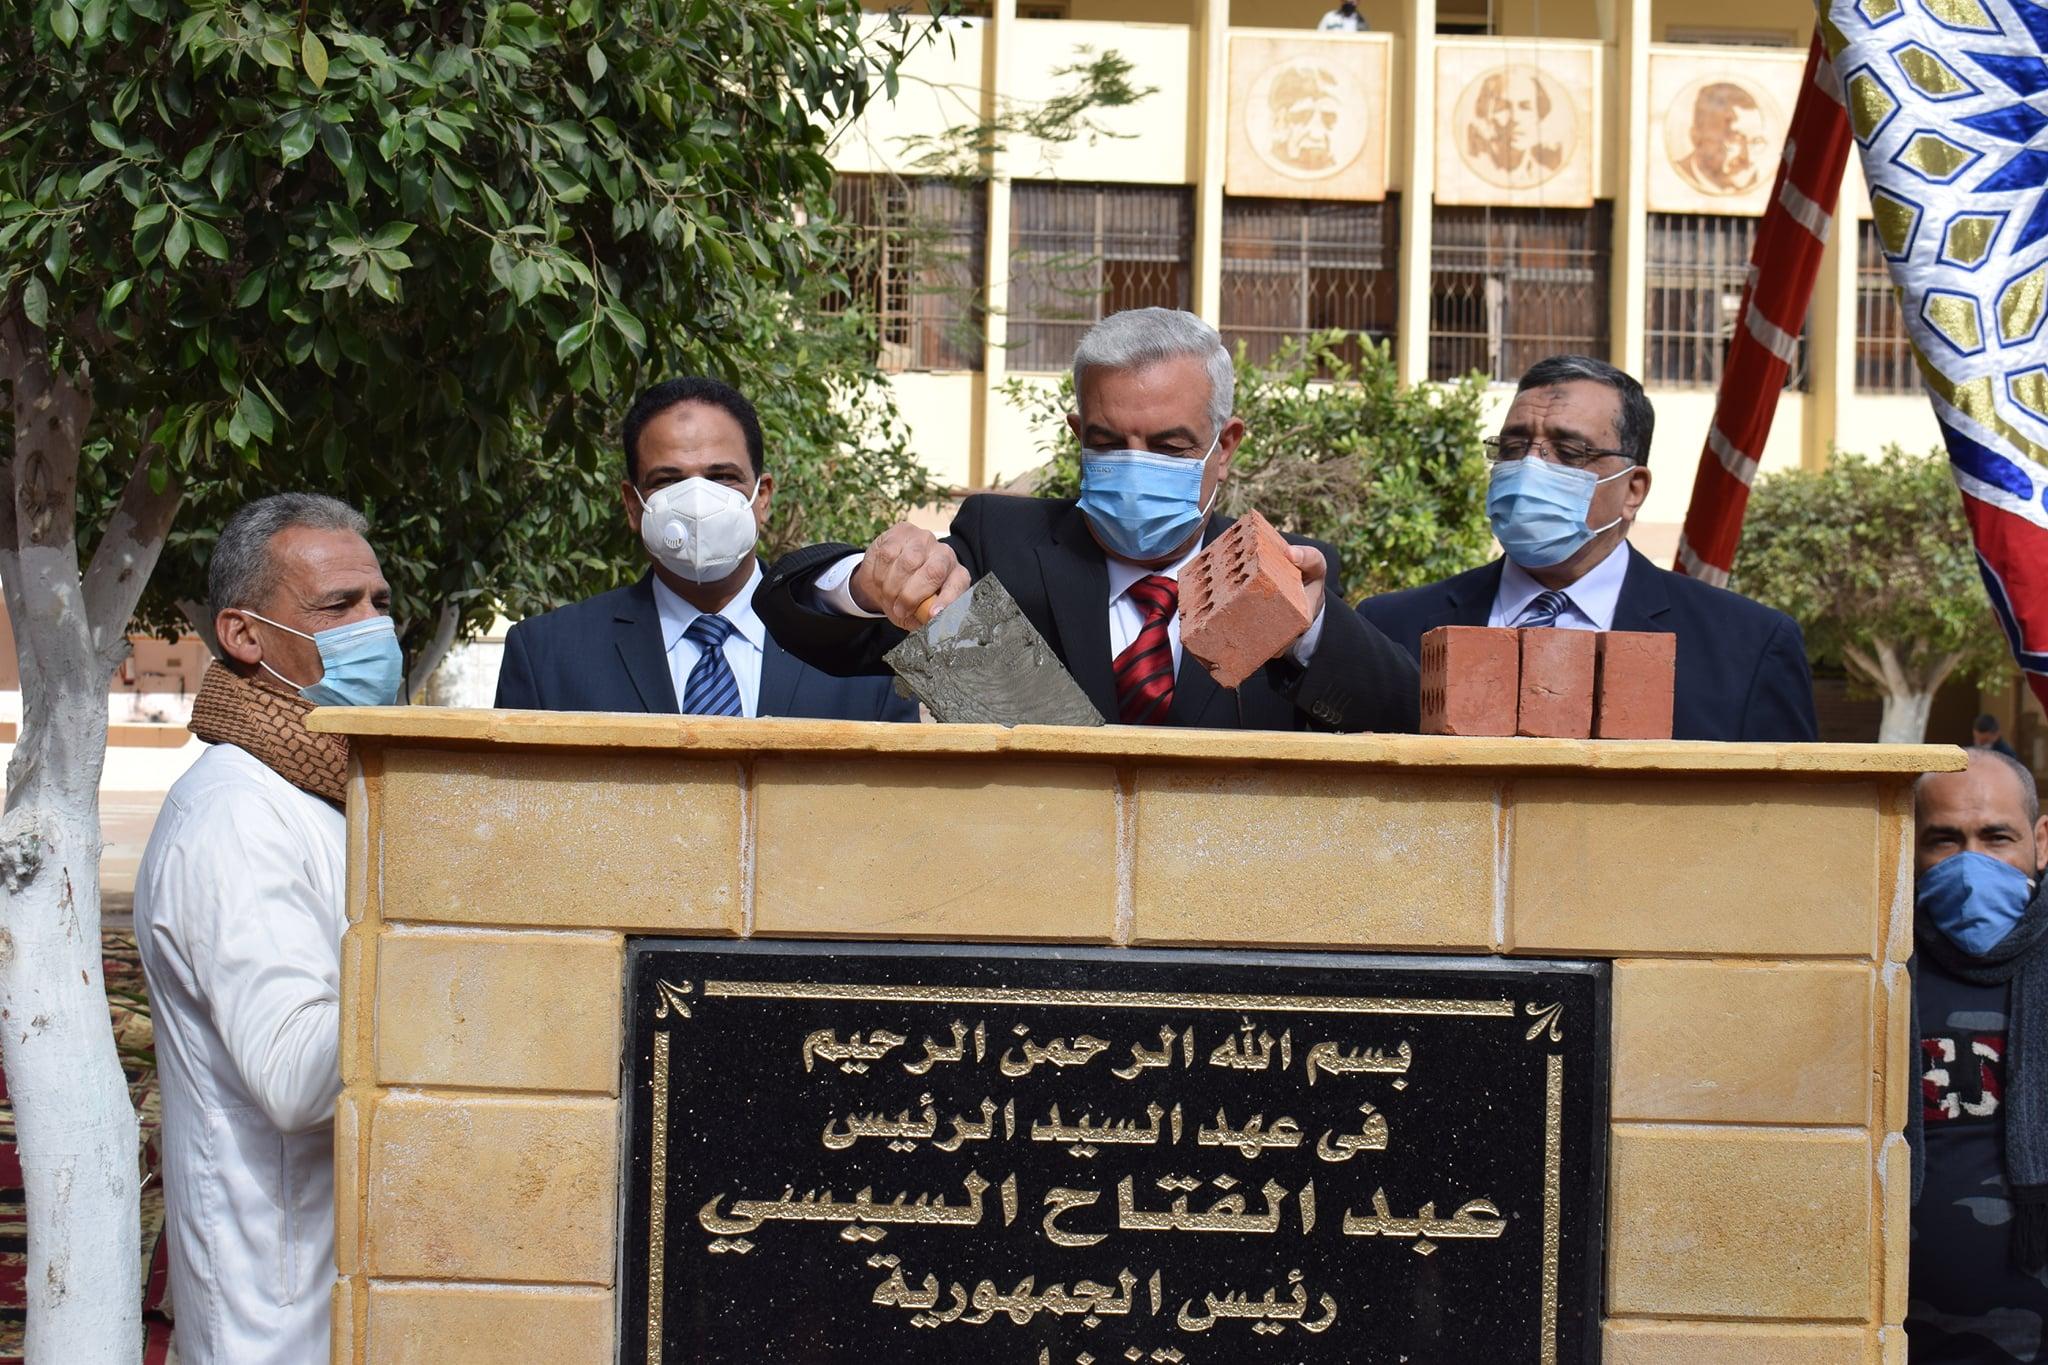 الدكتور عادل مبارك رئيس الجامعة والسادة أعضاء مجلس الجامعة وذلك لوضع حجر الأساس للمبنى الجديد بالكلية